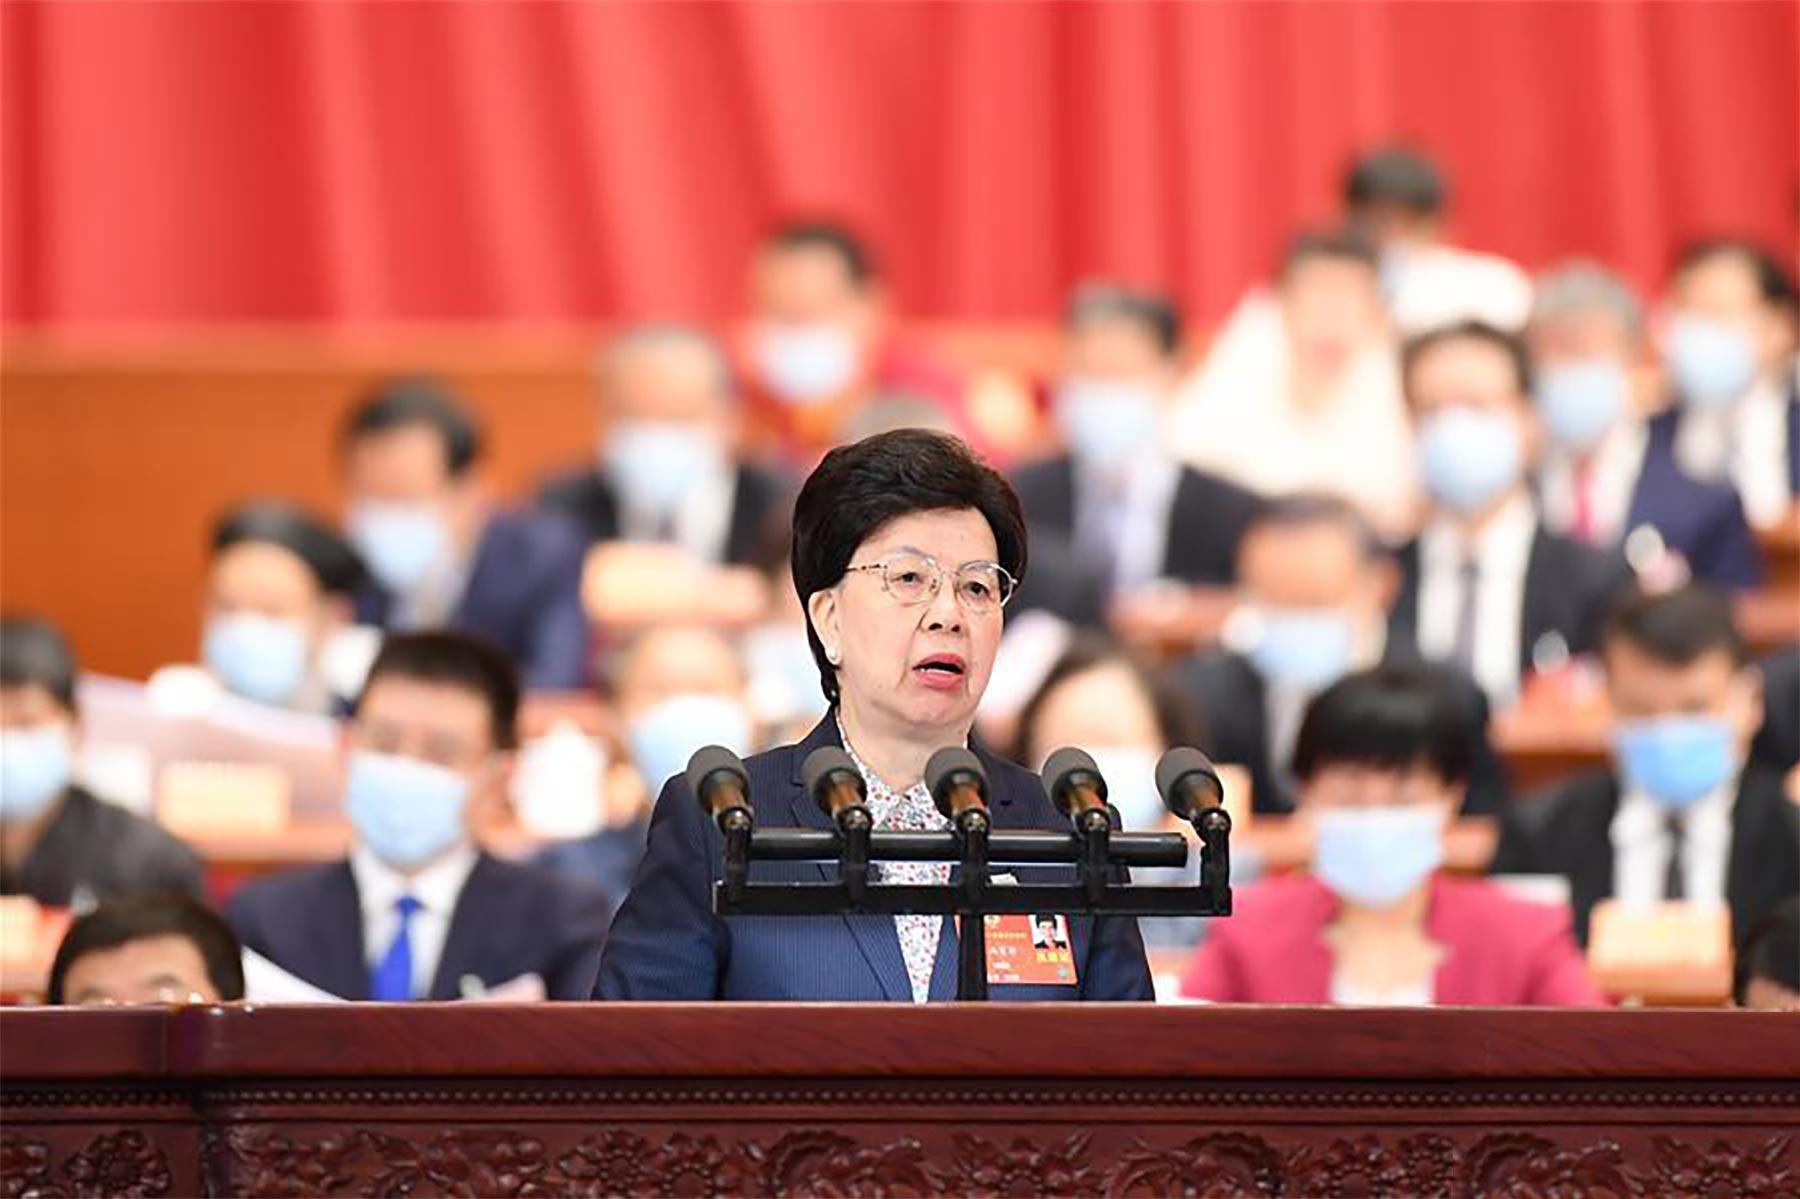 陈冯富珍委员作大会发言。新华社记者 刘彬 摄